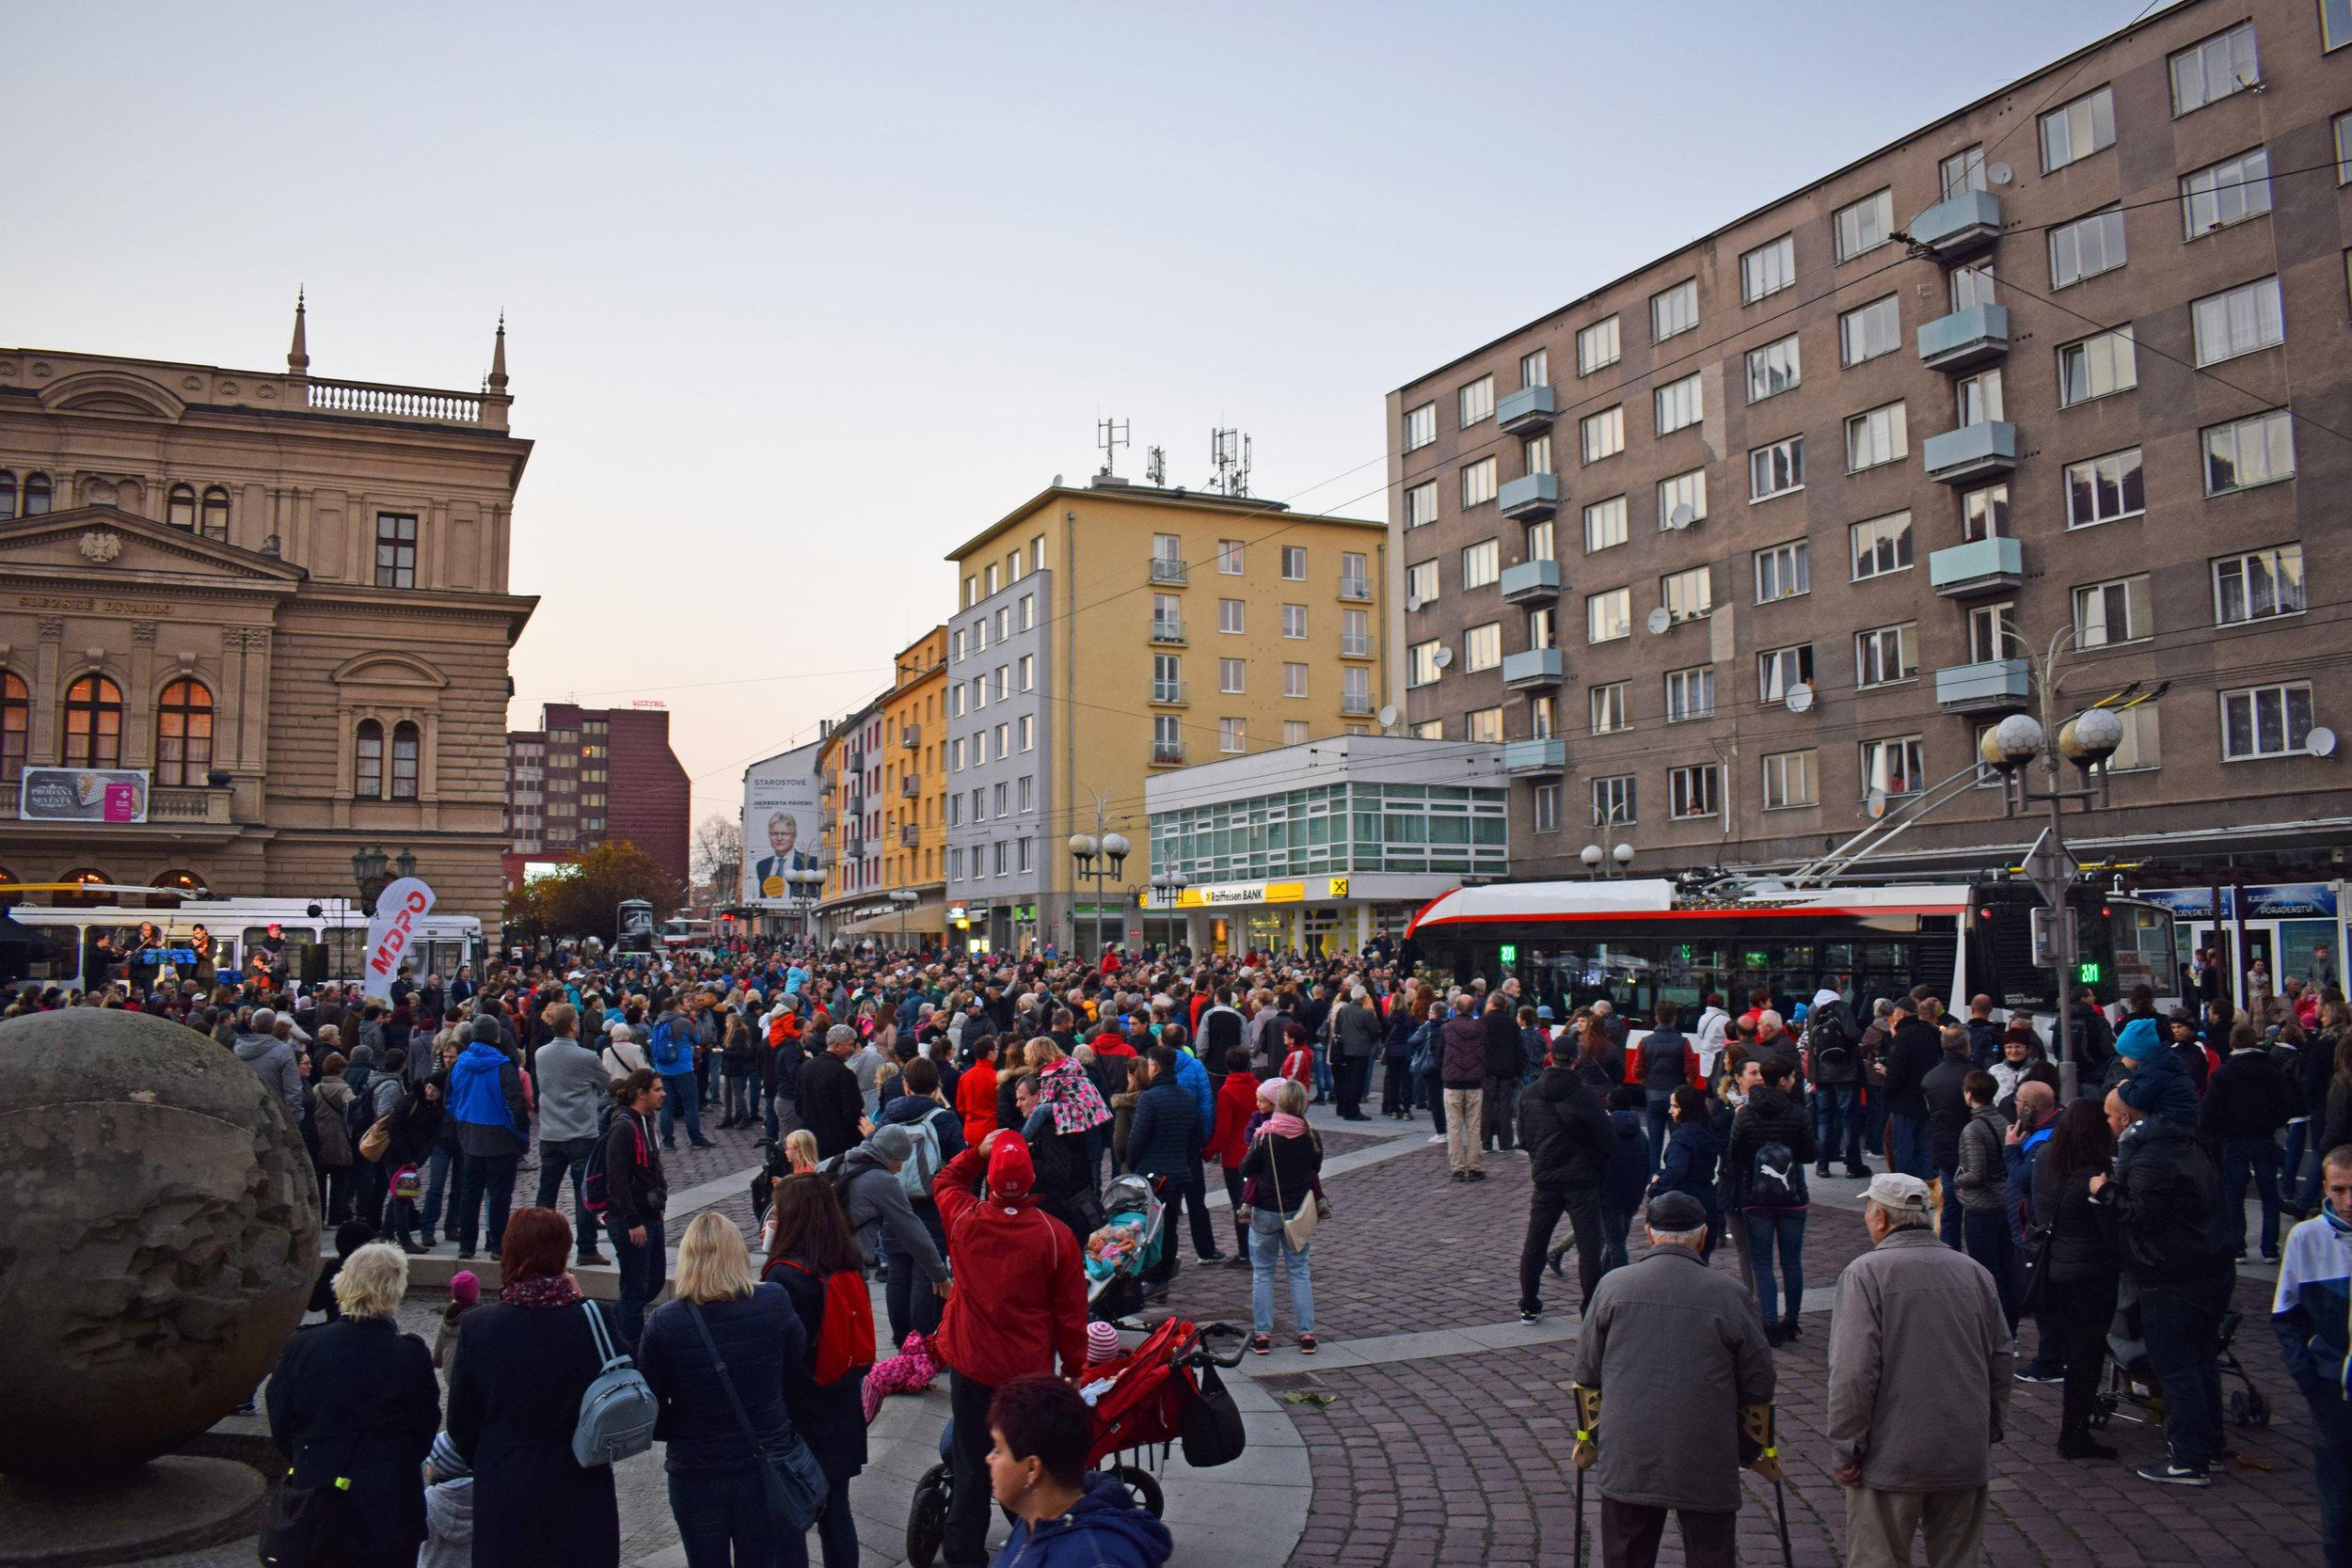 Zodpovězení otázky, zda je starý trolejbus schopen přilákat nějaké lidi, máme, zdá se, vyřešeno… (foto: Petr Bystroň)